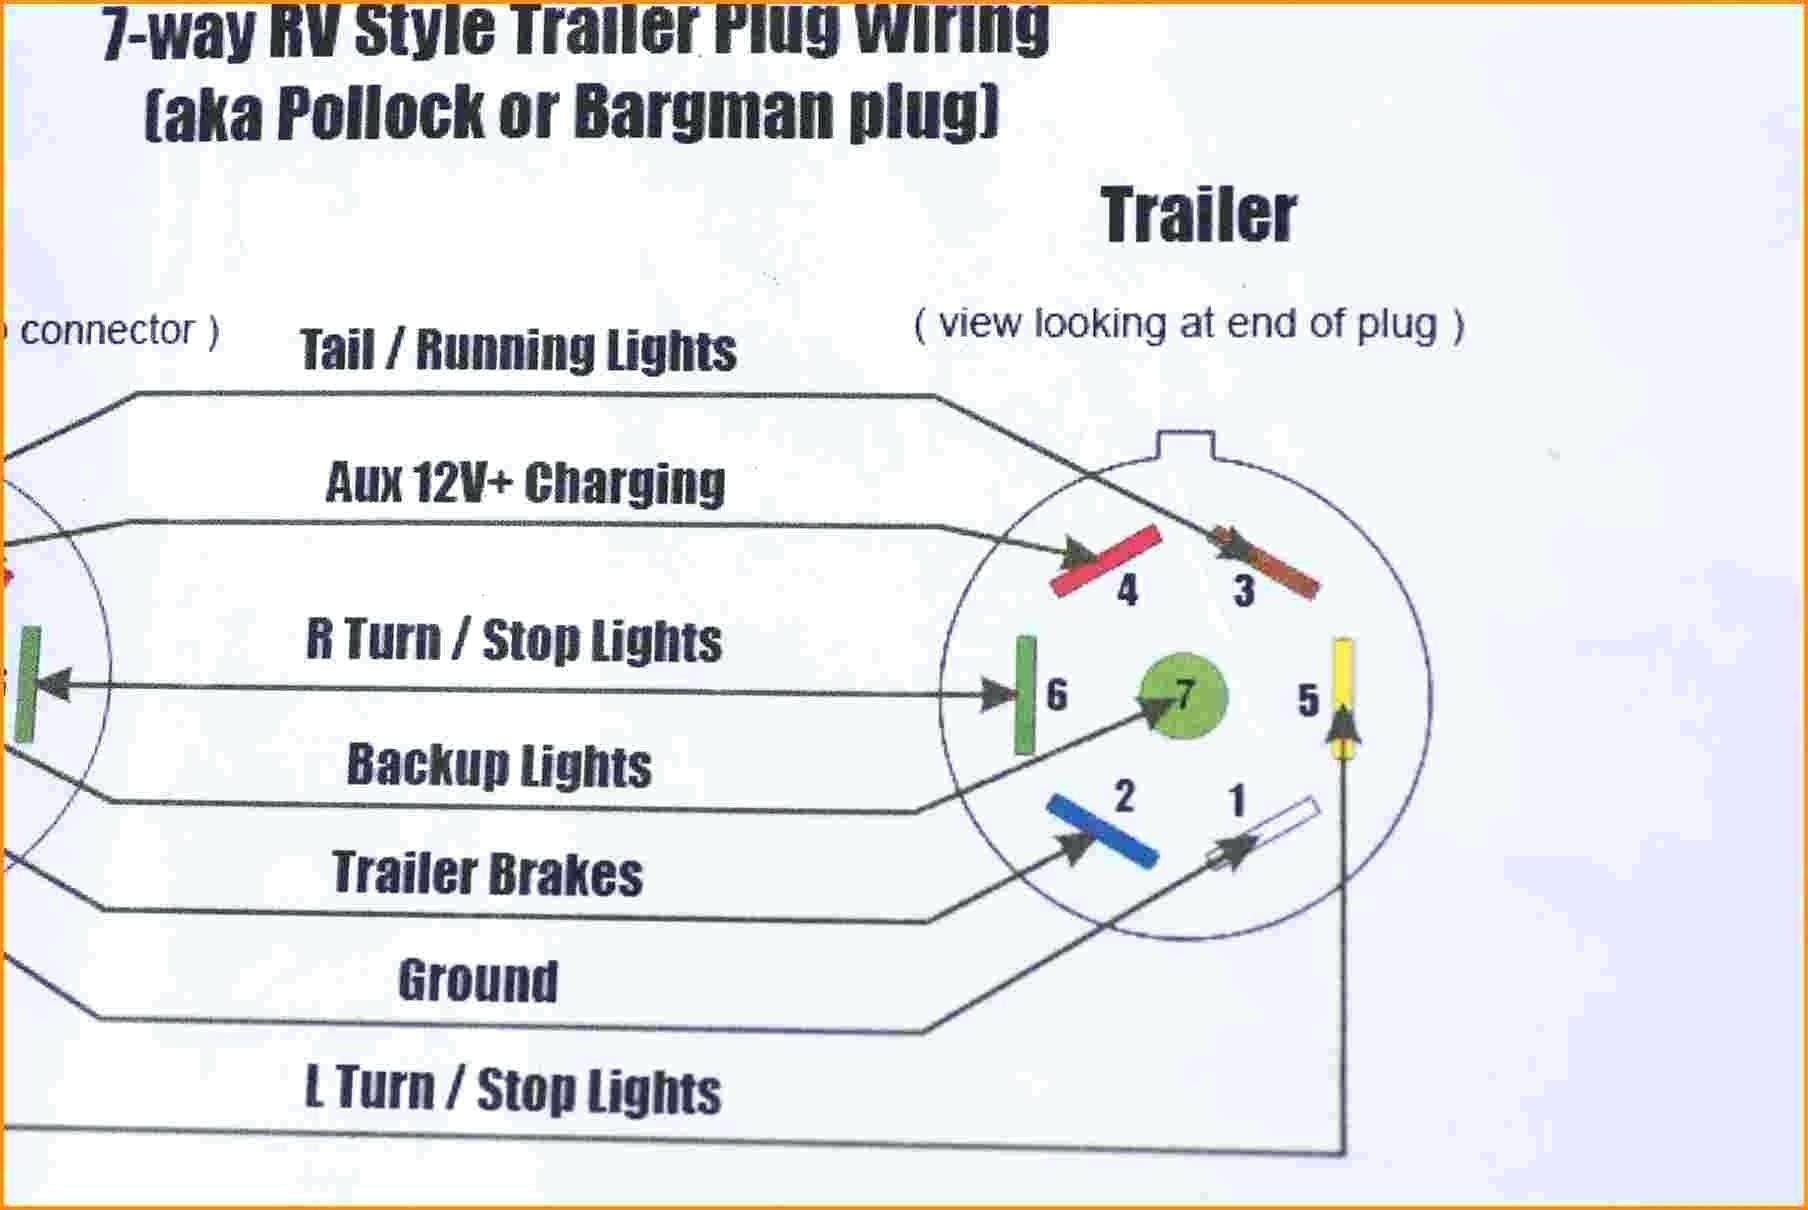 7 Wire Trailer Plug Diagram Unique Dodge Ram Pin Wiring Of Or - Dodge Ram 7 Pin Trailer Wiring Diagram